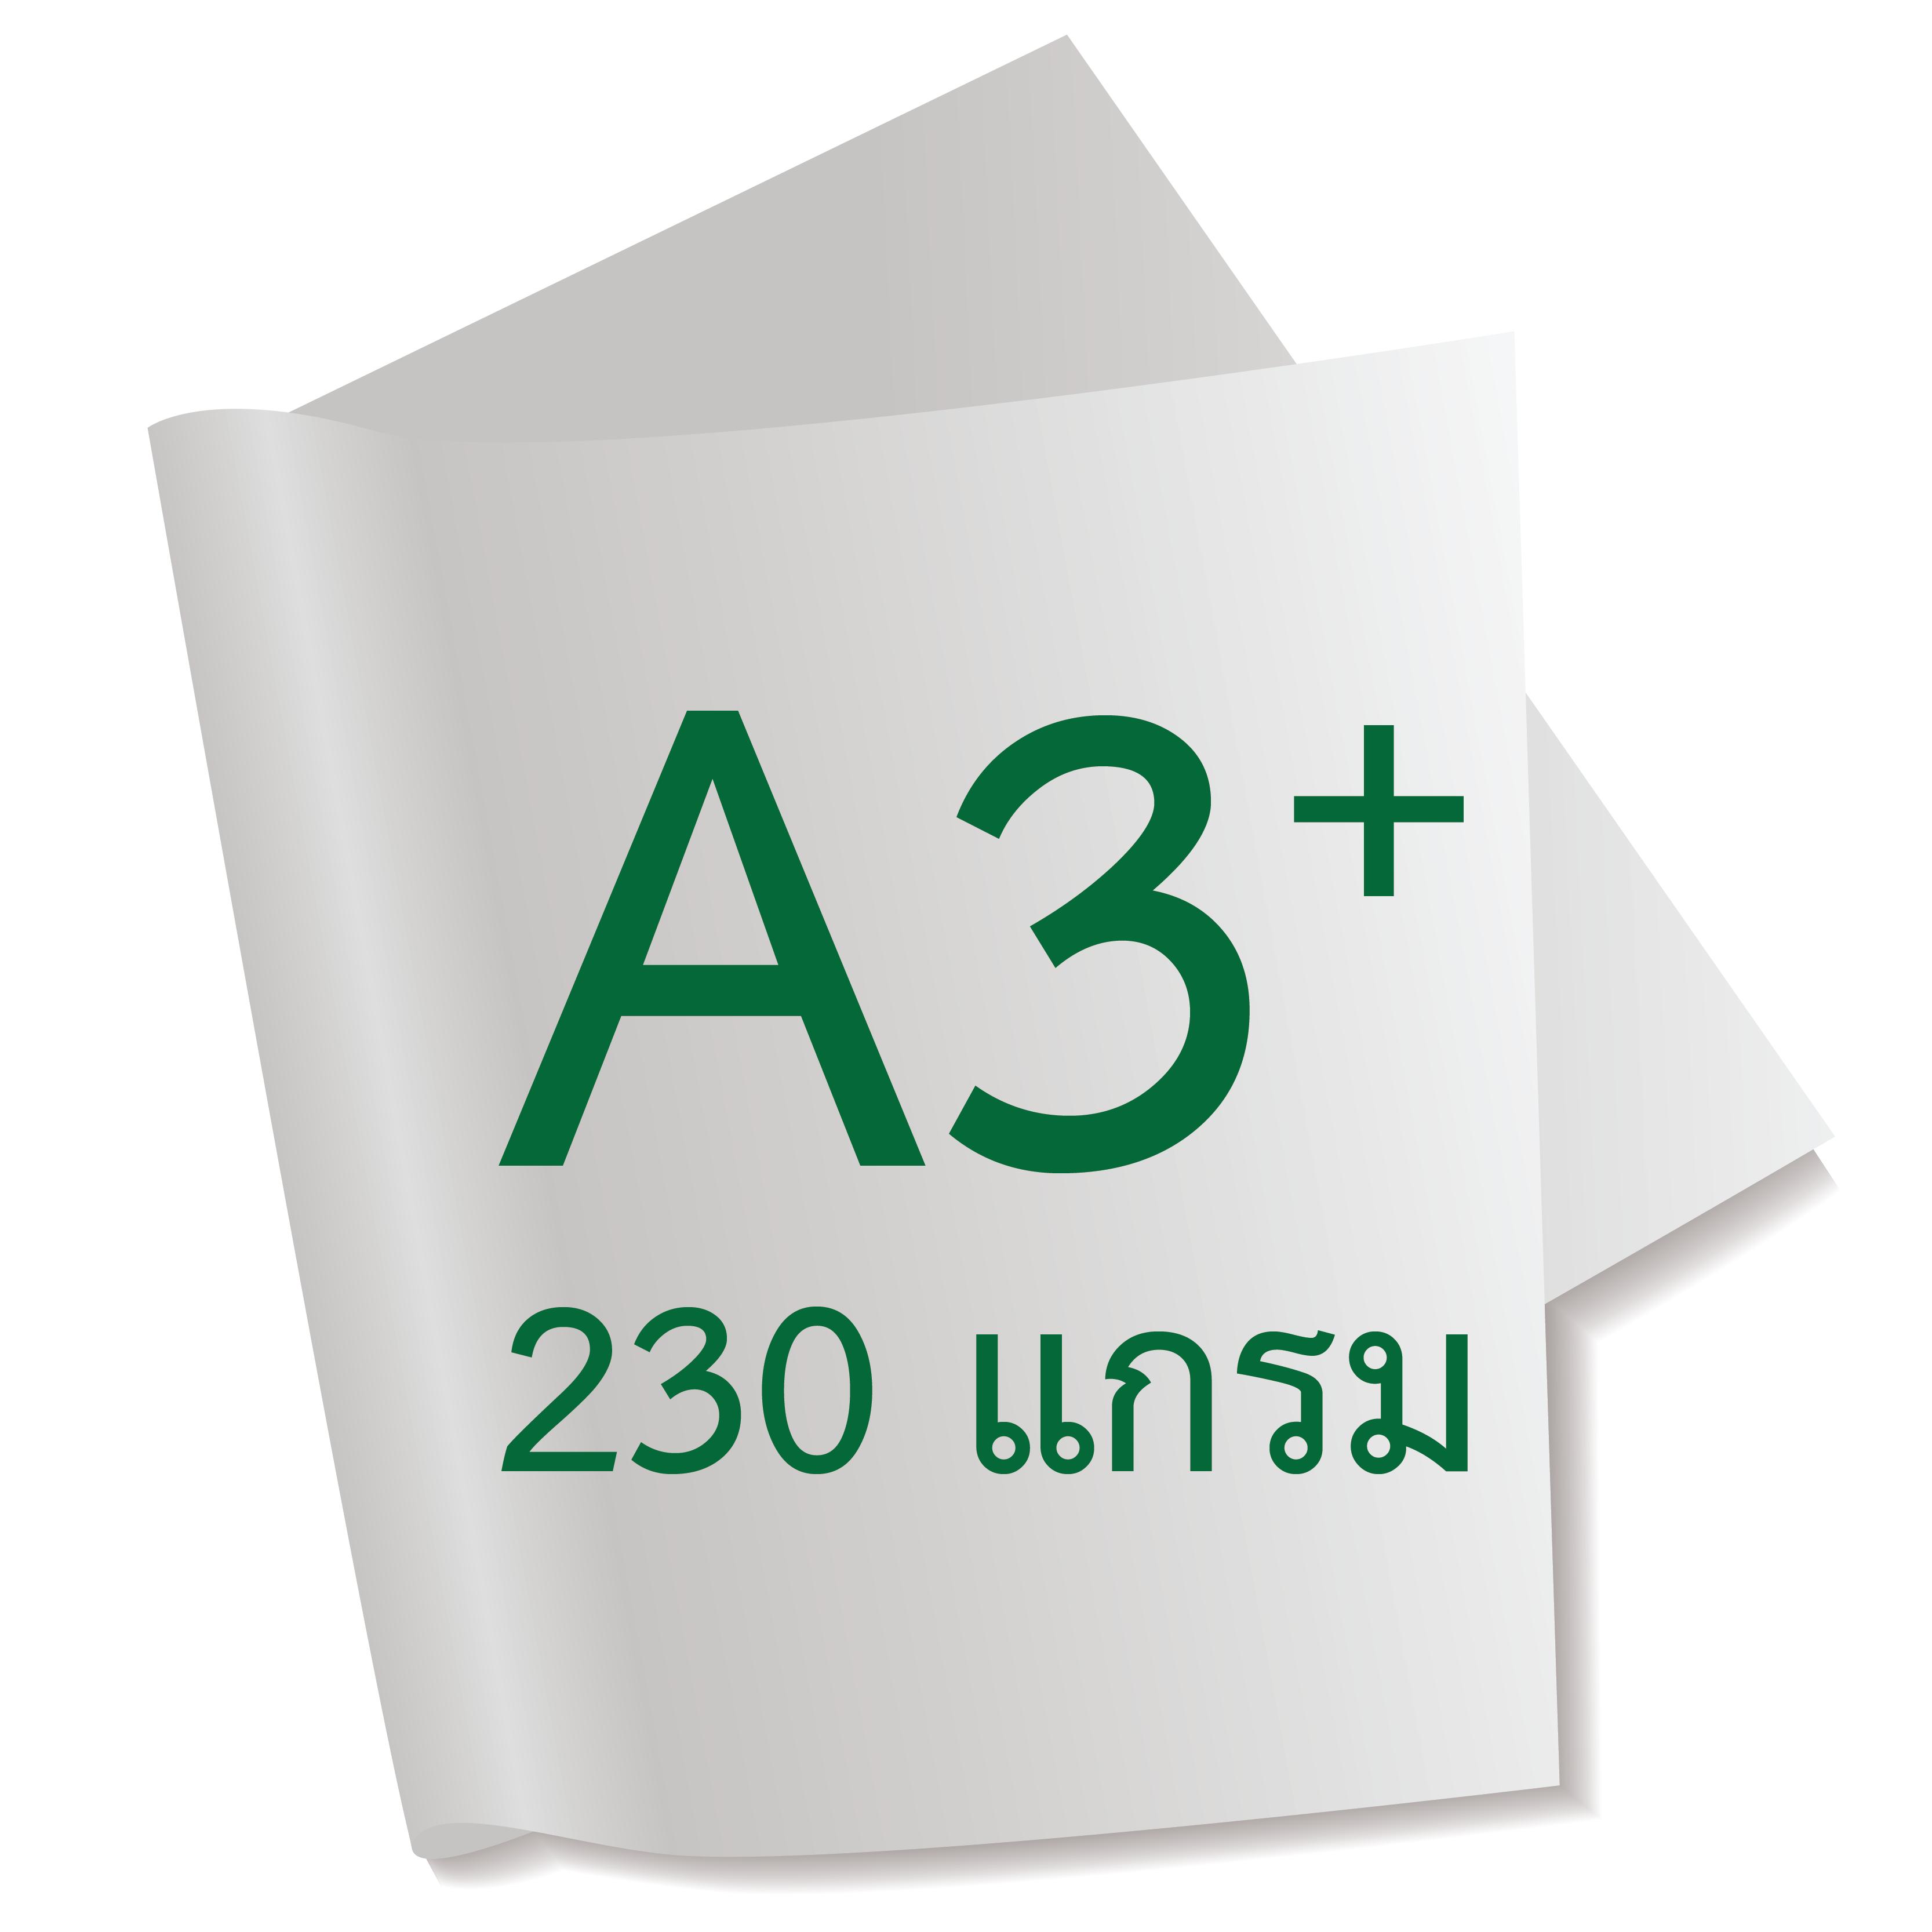 กระดาษอาร์ตการ์ดมัน 1 หน้า 230 แกรม/A3+ (500 แผ่น)